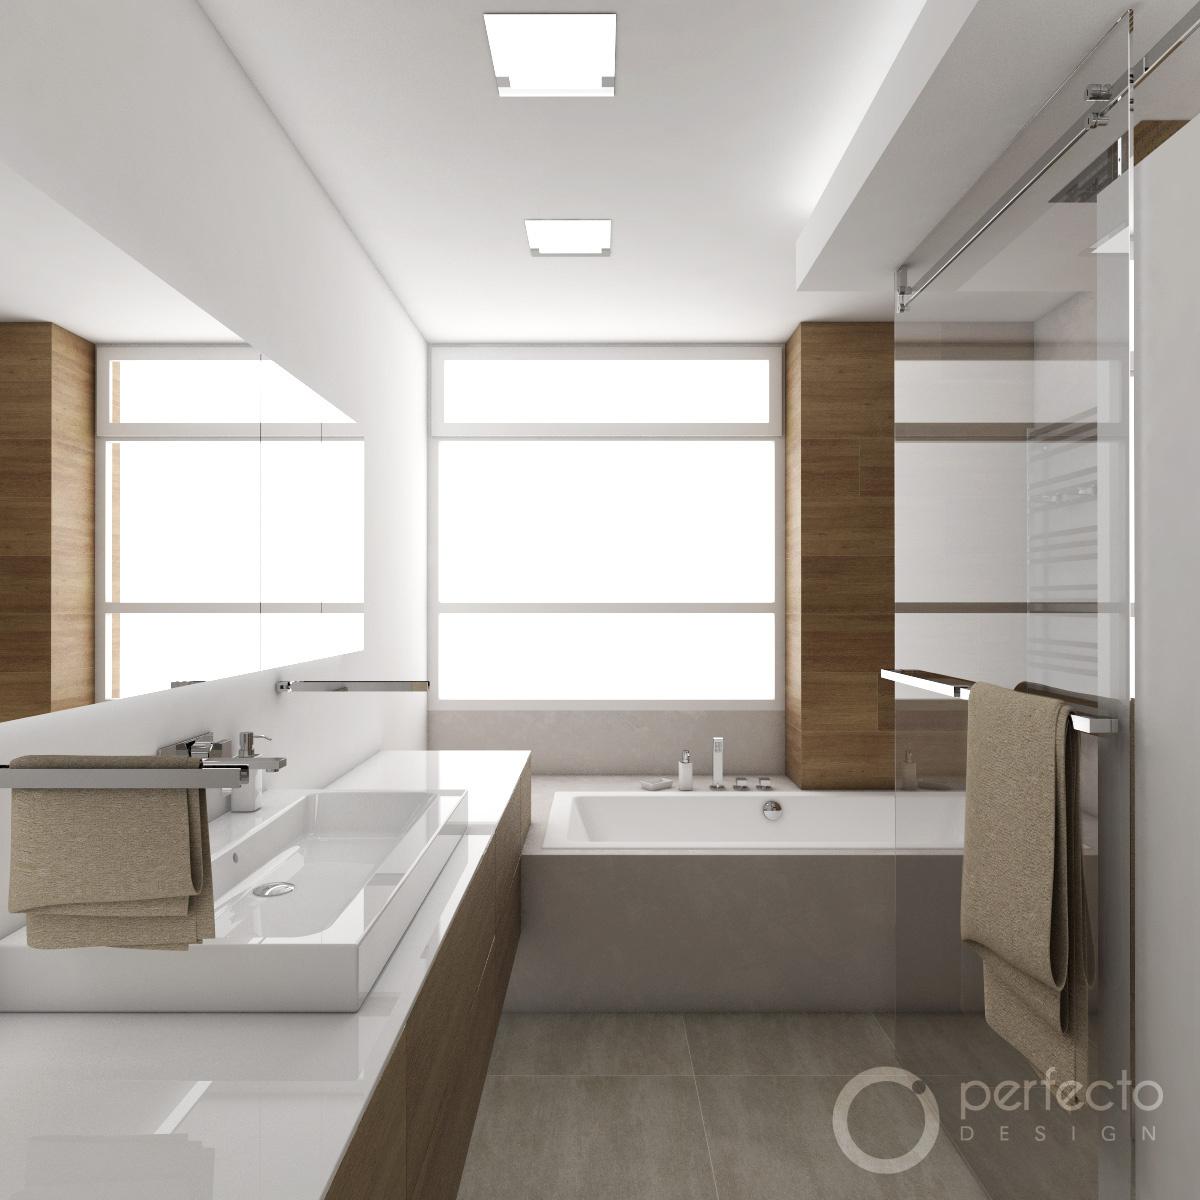 luxus badezimmer modern 2 ideen kleines luxus badezimmer. Black Bedroom Furniture Sets. Home Design Ideas